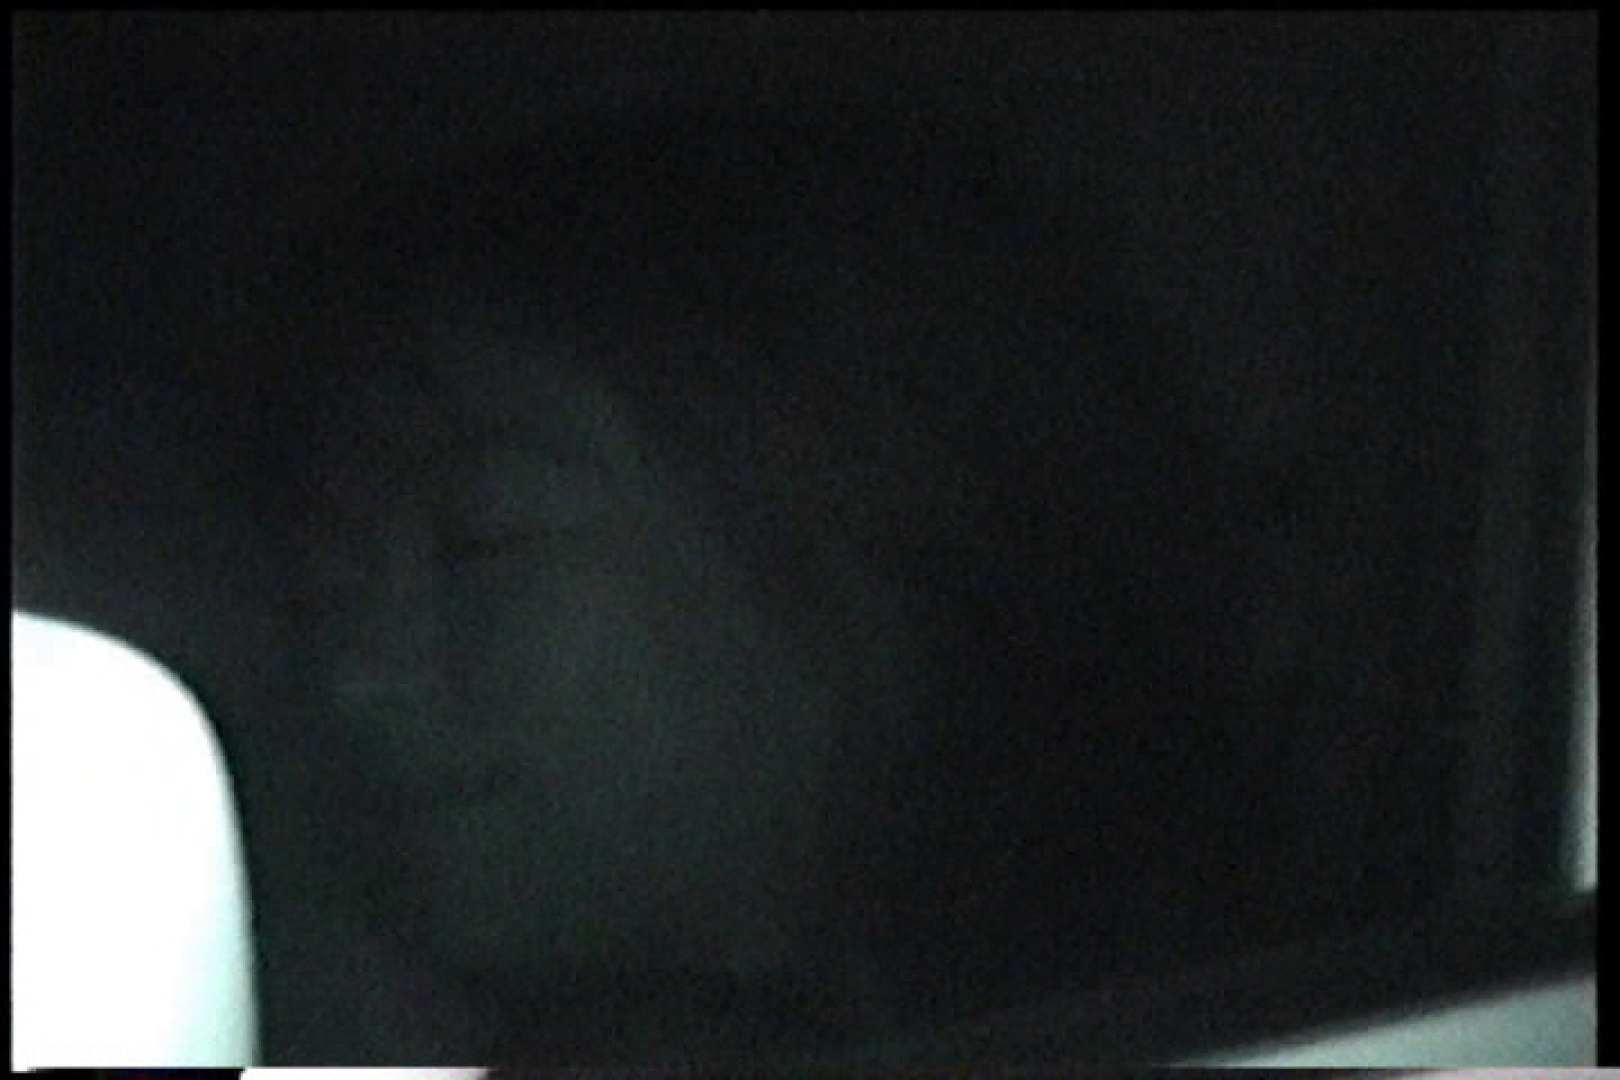 充血監督の深夜の運動会Vol.240 OLエロ画像 | 0  62PICs 31